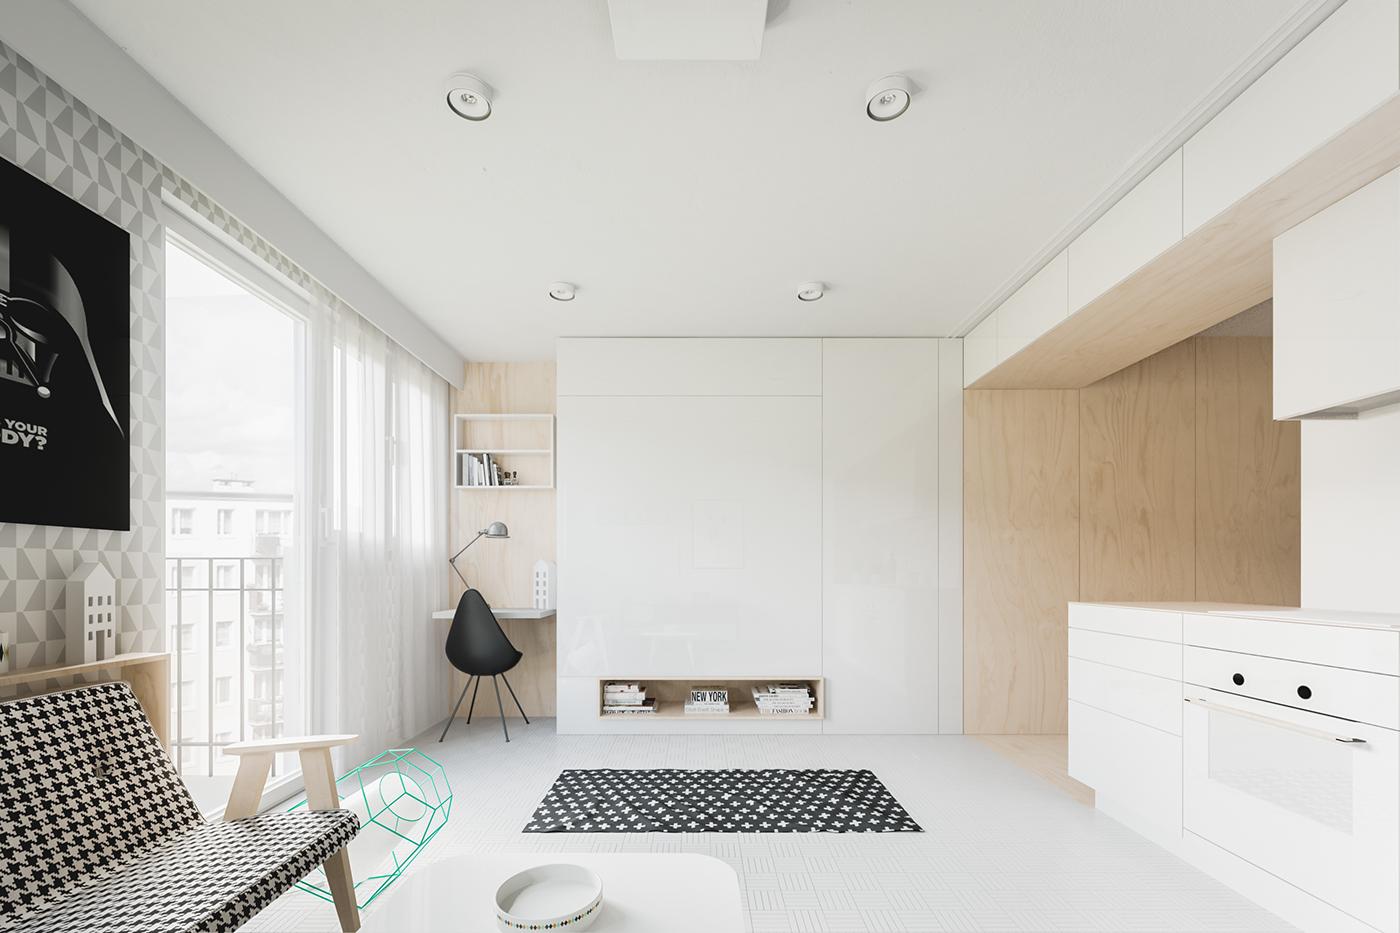 Оформление маленькой квартиры студии в светлых тонах - фото 2